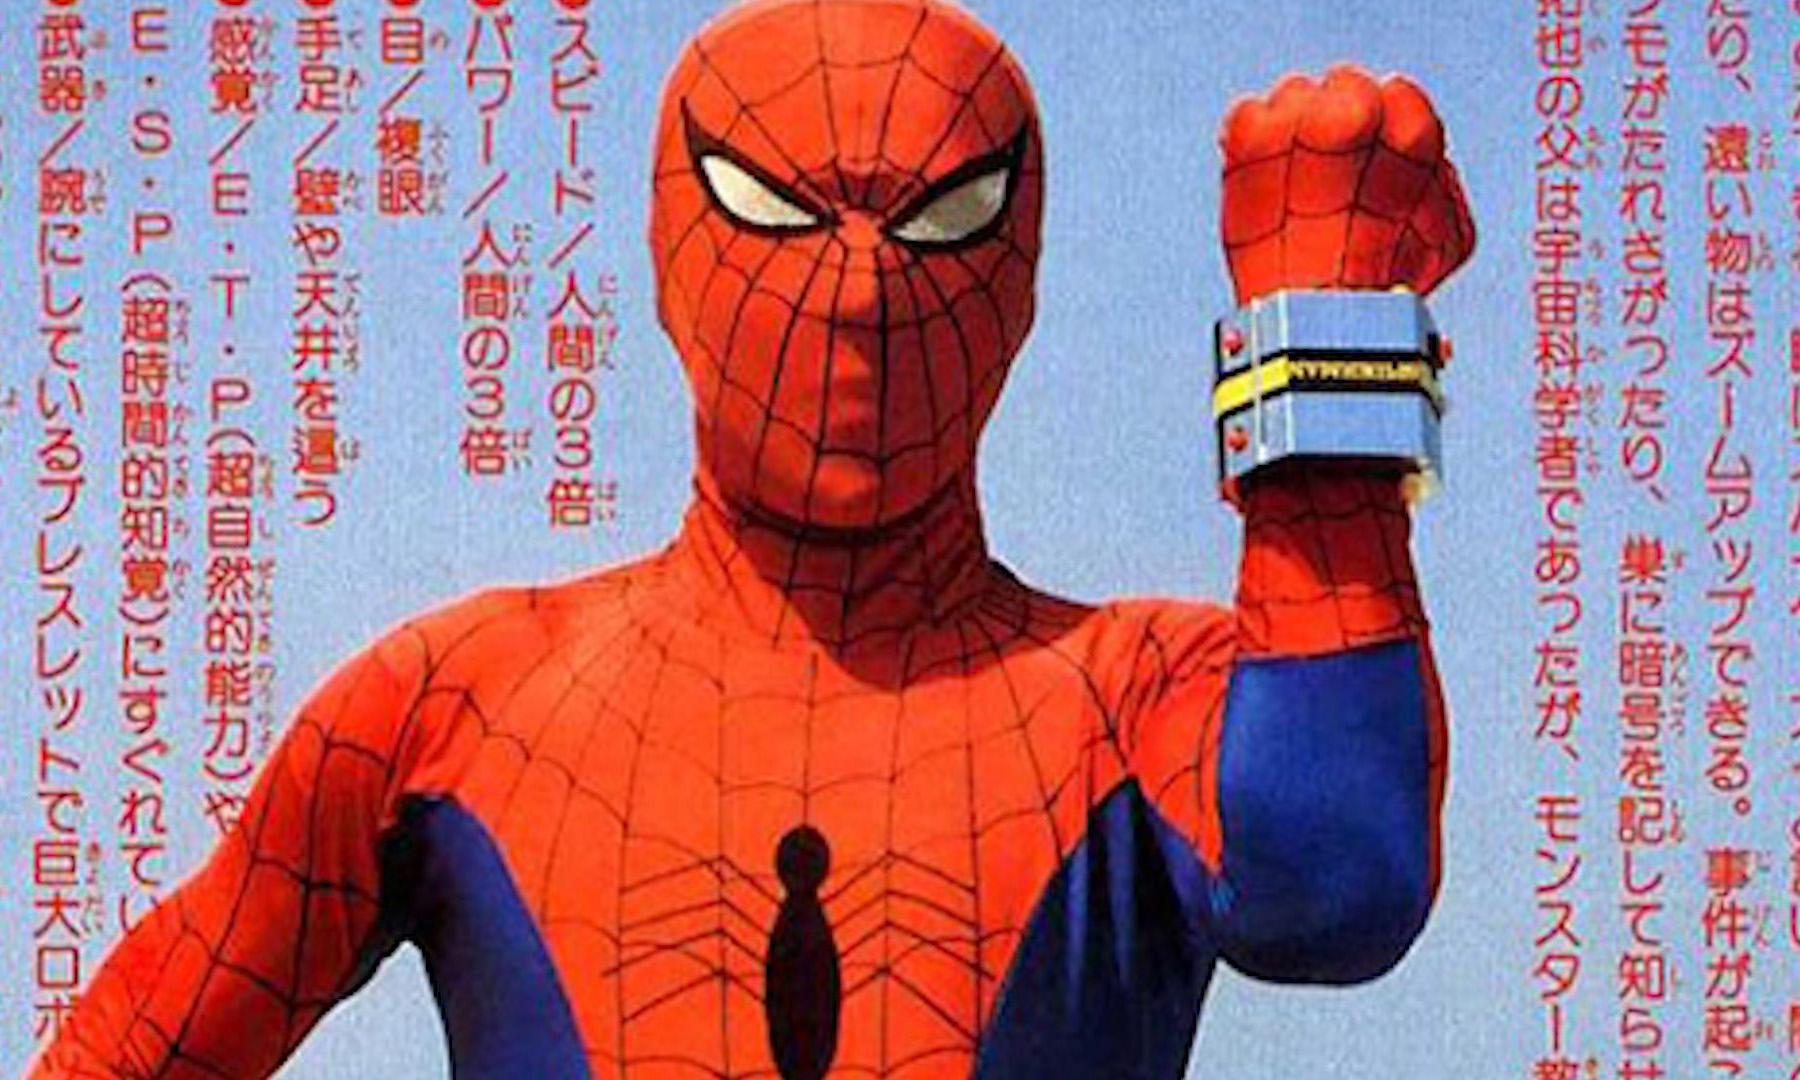 《蜘蛛侠:平行宇宙》主创确认续集将加入 1978 年日本东映特摄蜘蛛侠